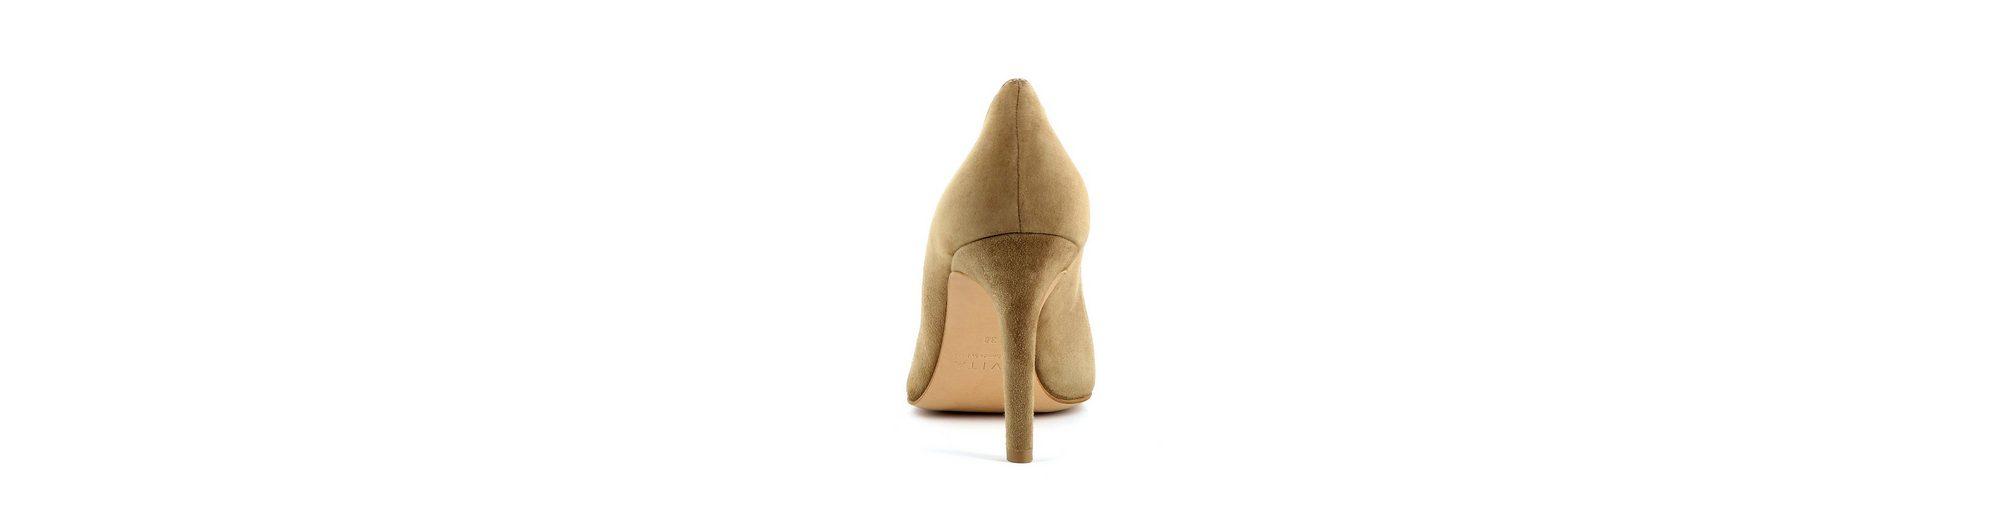 Evita NATALIA Pumps Große Auswahl An Rabatt Beliebt Billig Verkauf Verkauf mD1R1I2